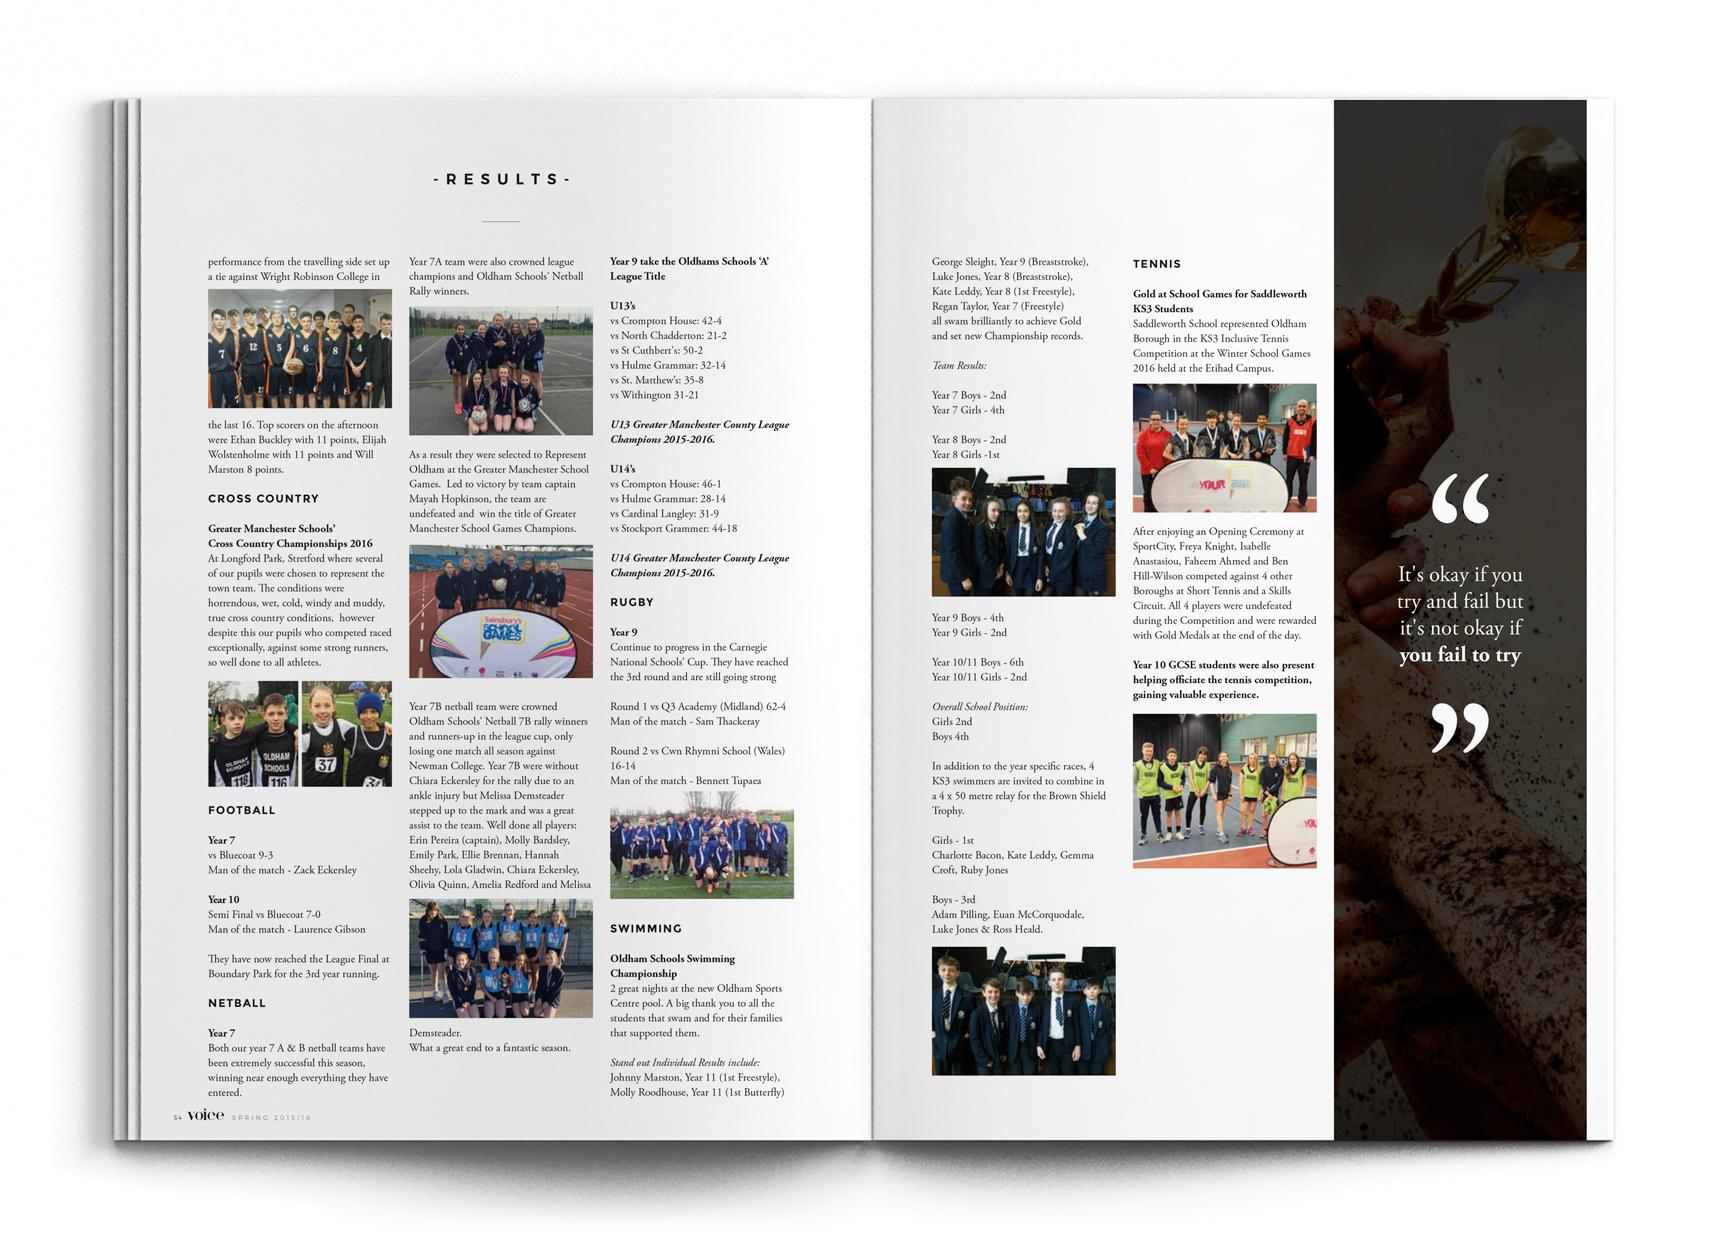 voice-Magazine_Issue-No.3_28.jpg